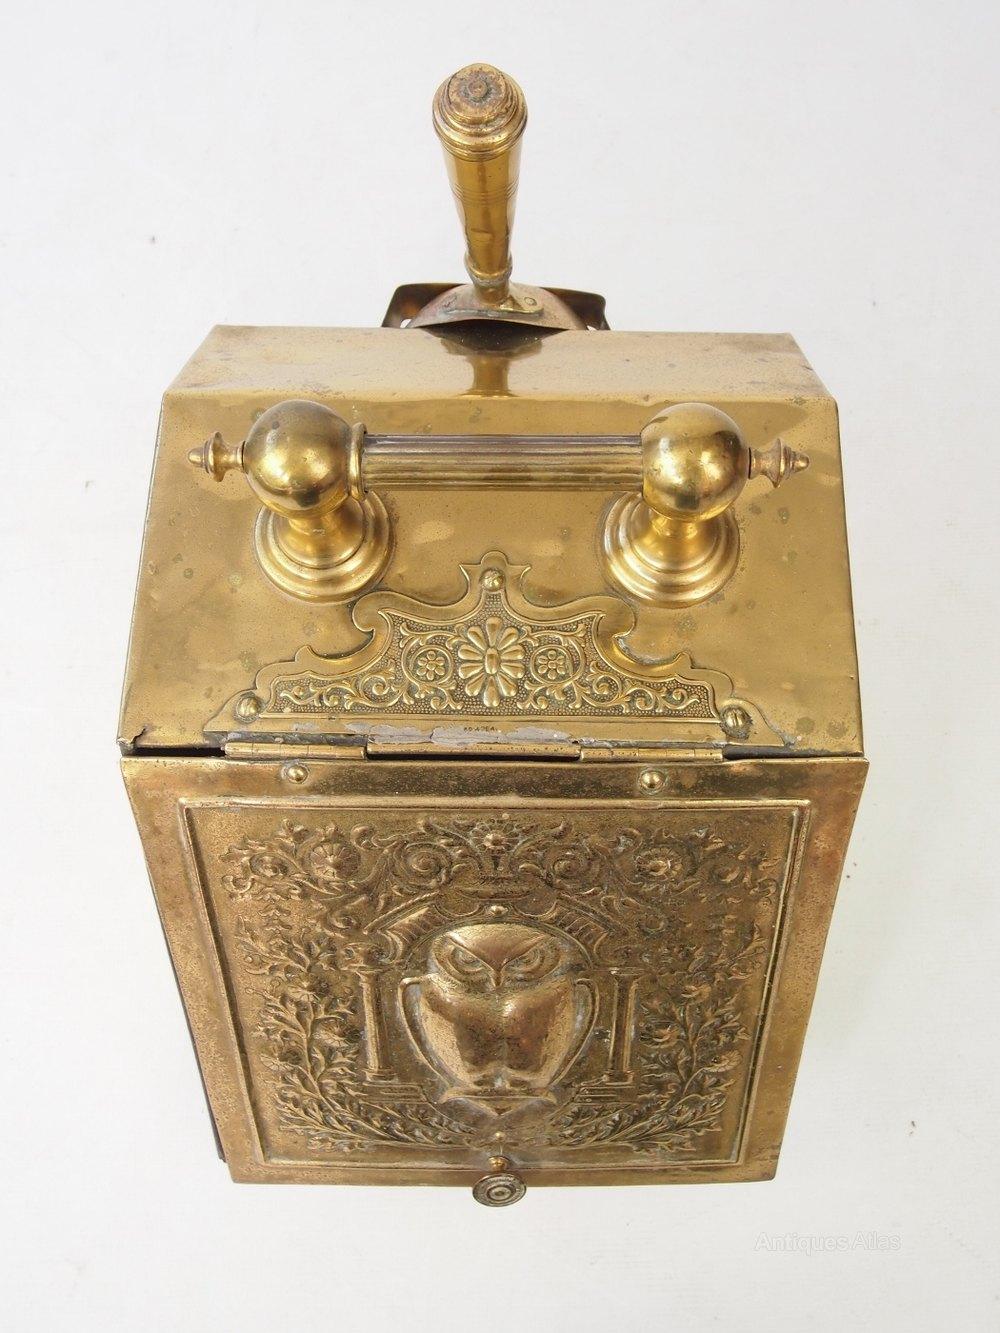 Antiques Atlas - Arts & Crafts Brass Coal Scuttle Or Log Bin